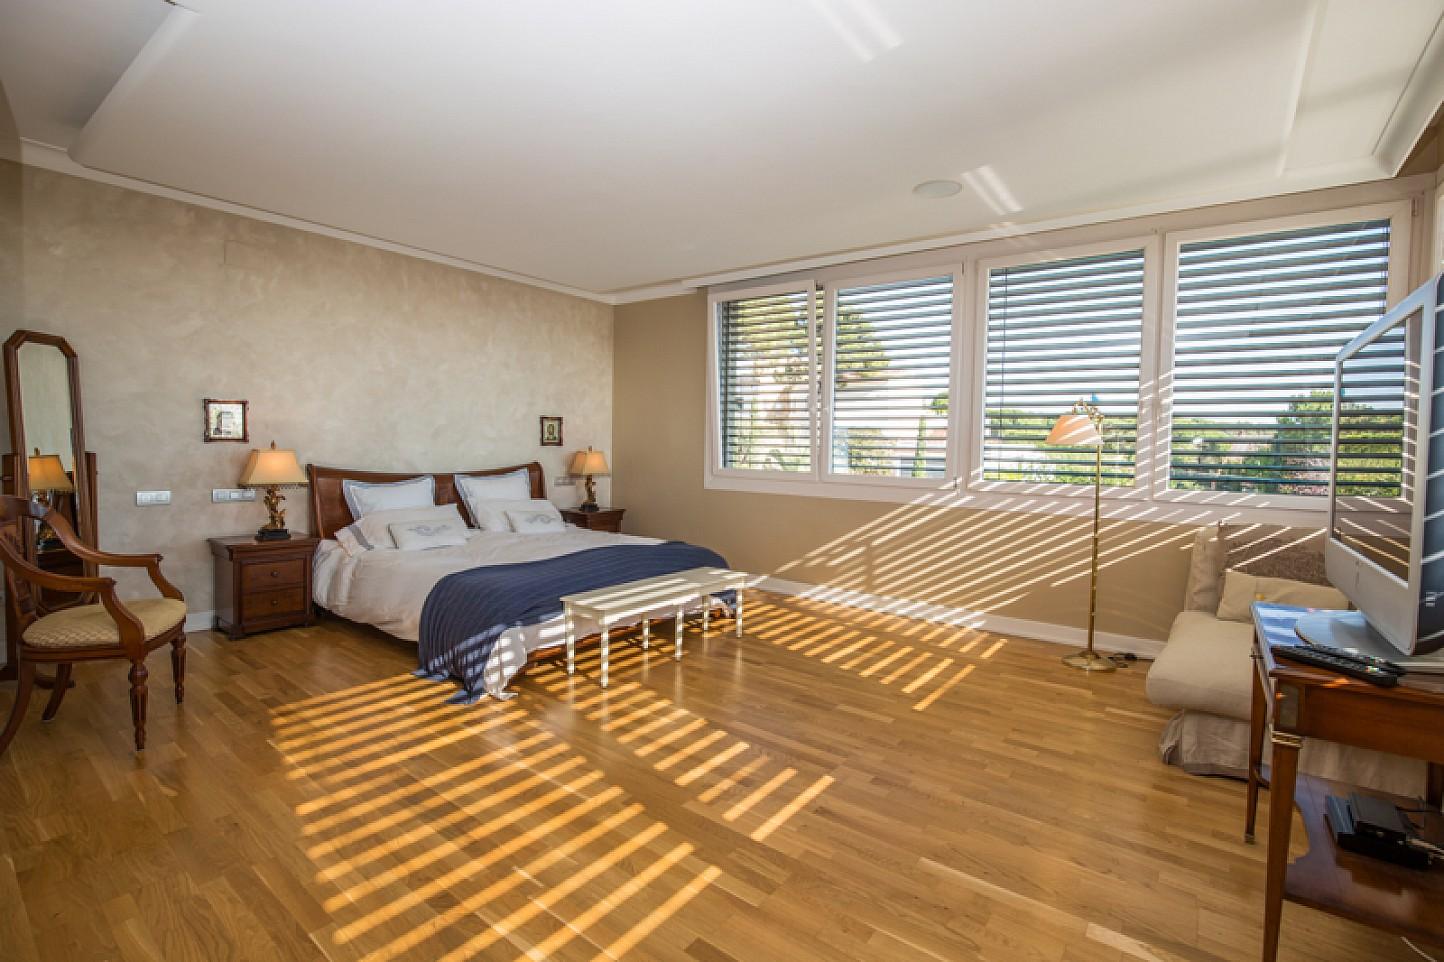 habitacion doble con baño en suite en casa de lujo en venta en Lloret de Mar en La Costa Brava